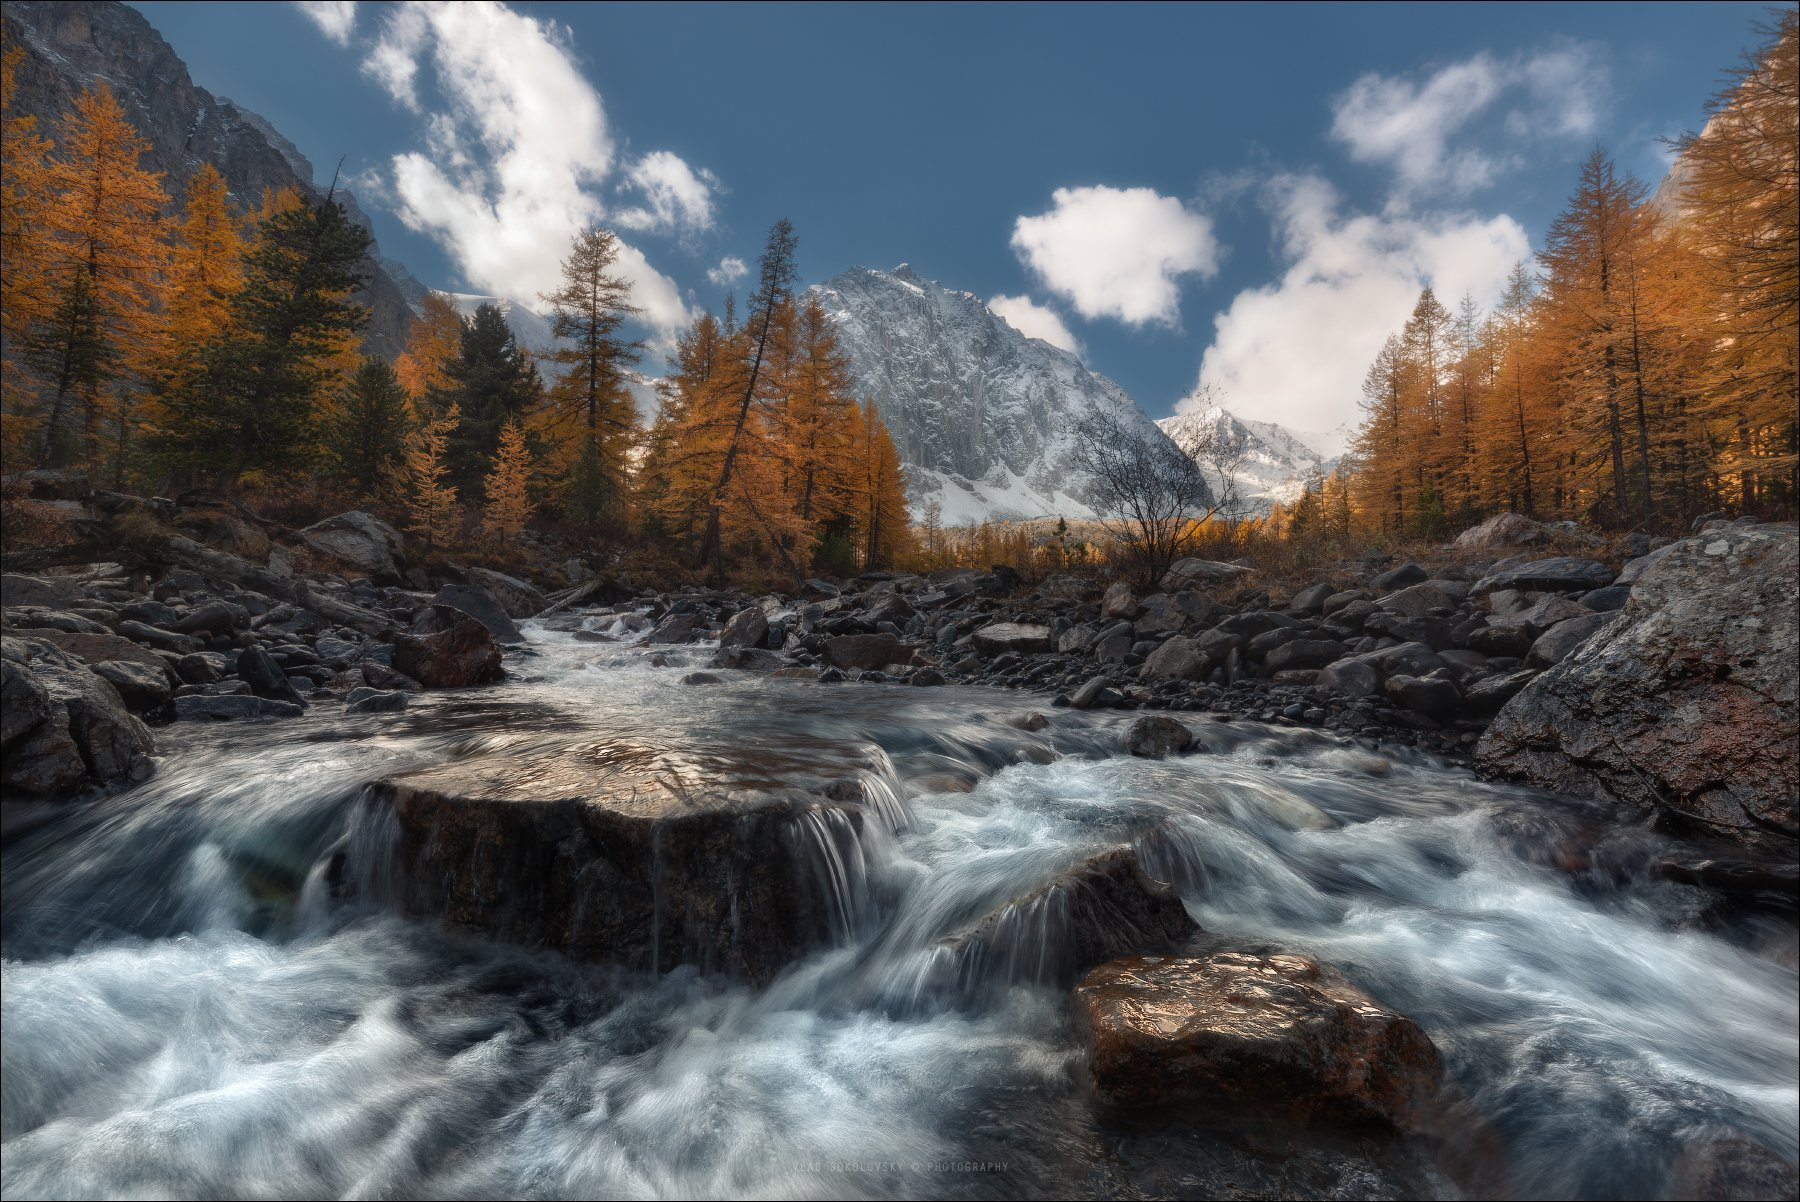 алтай, актру, ледник, река, осень, караташ, актуру, альплагерь, Влад Соколовский